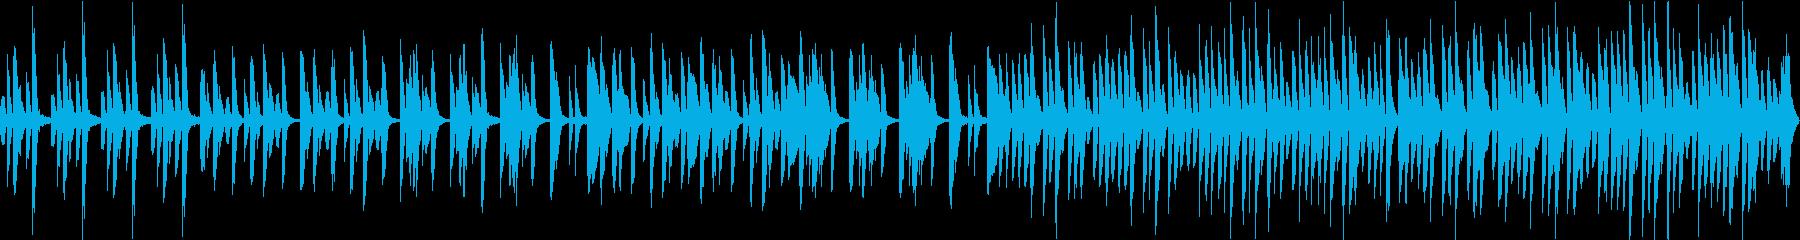 さわやかで日常的なピアノソロの再生済みの波形